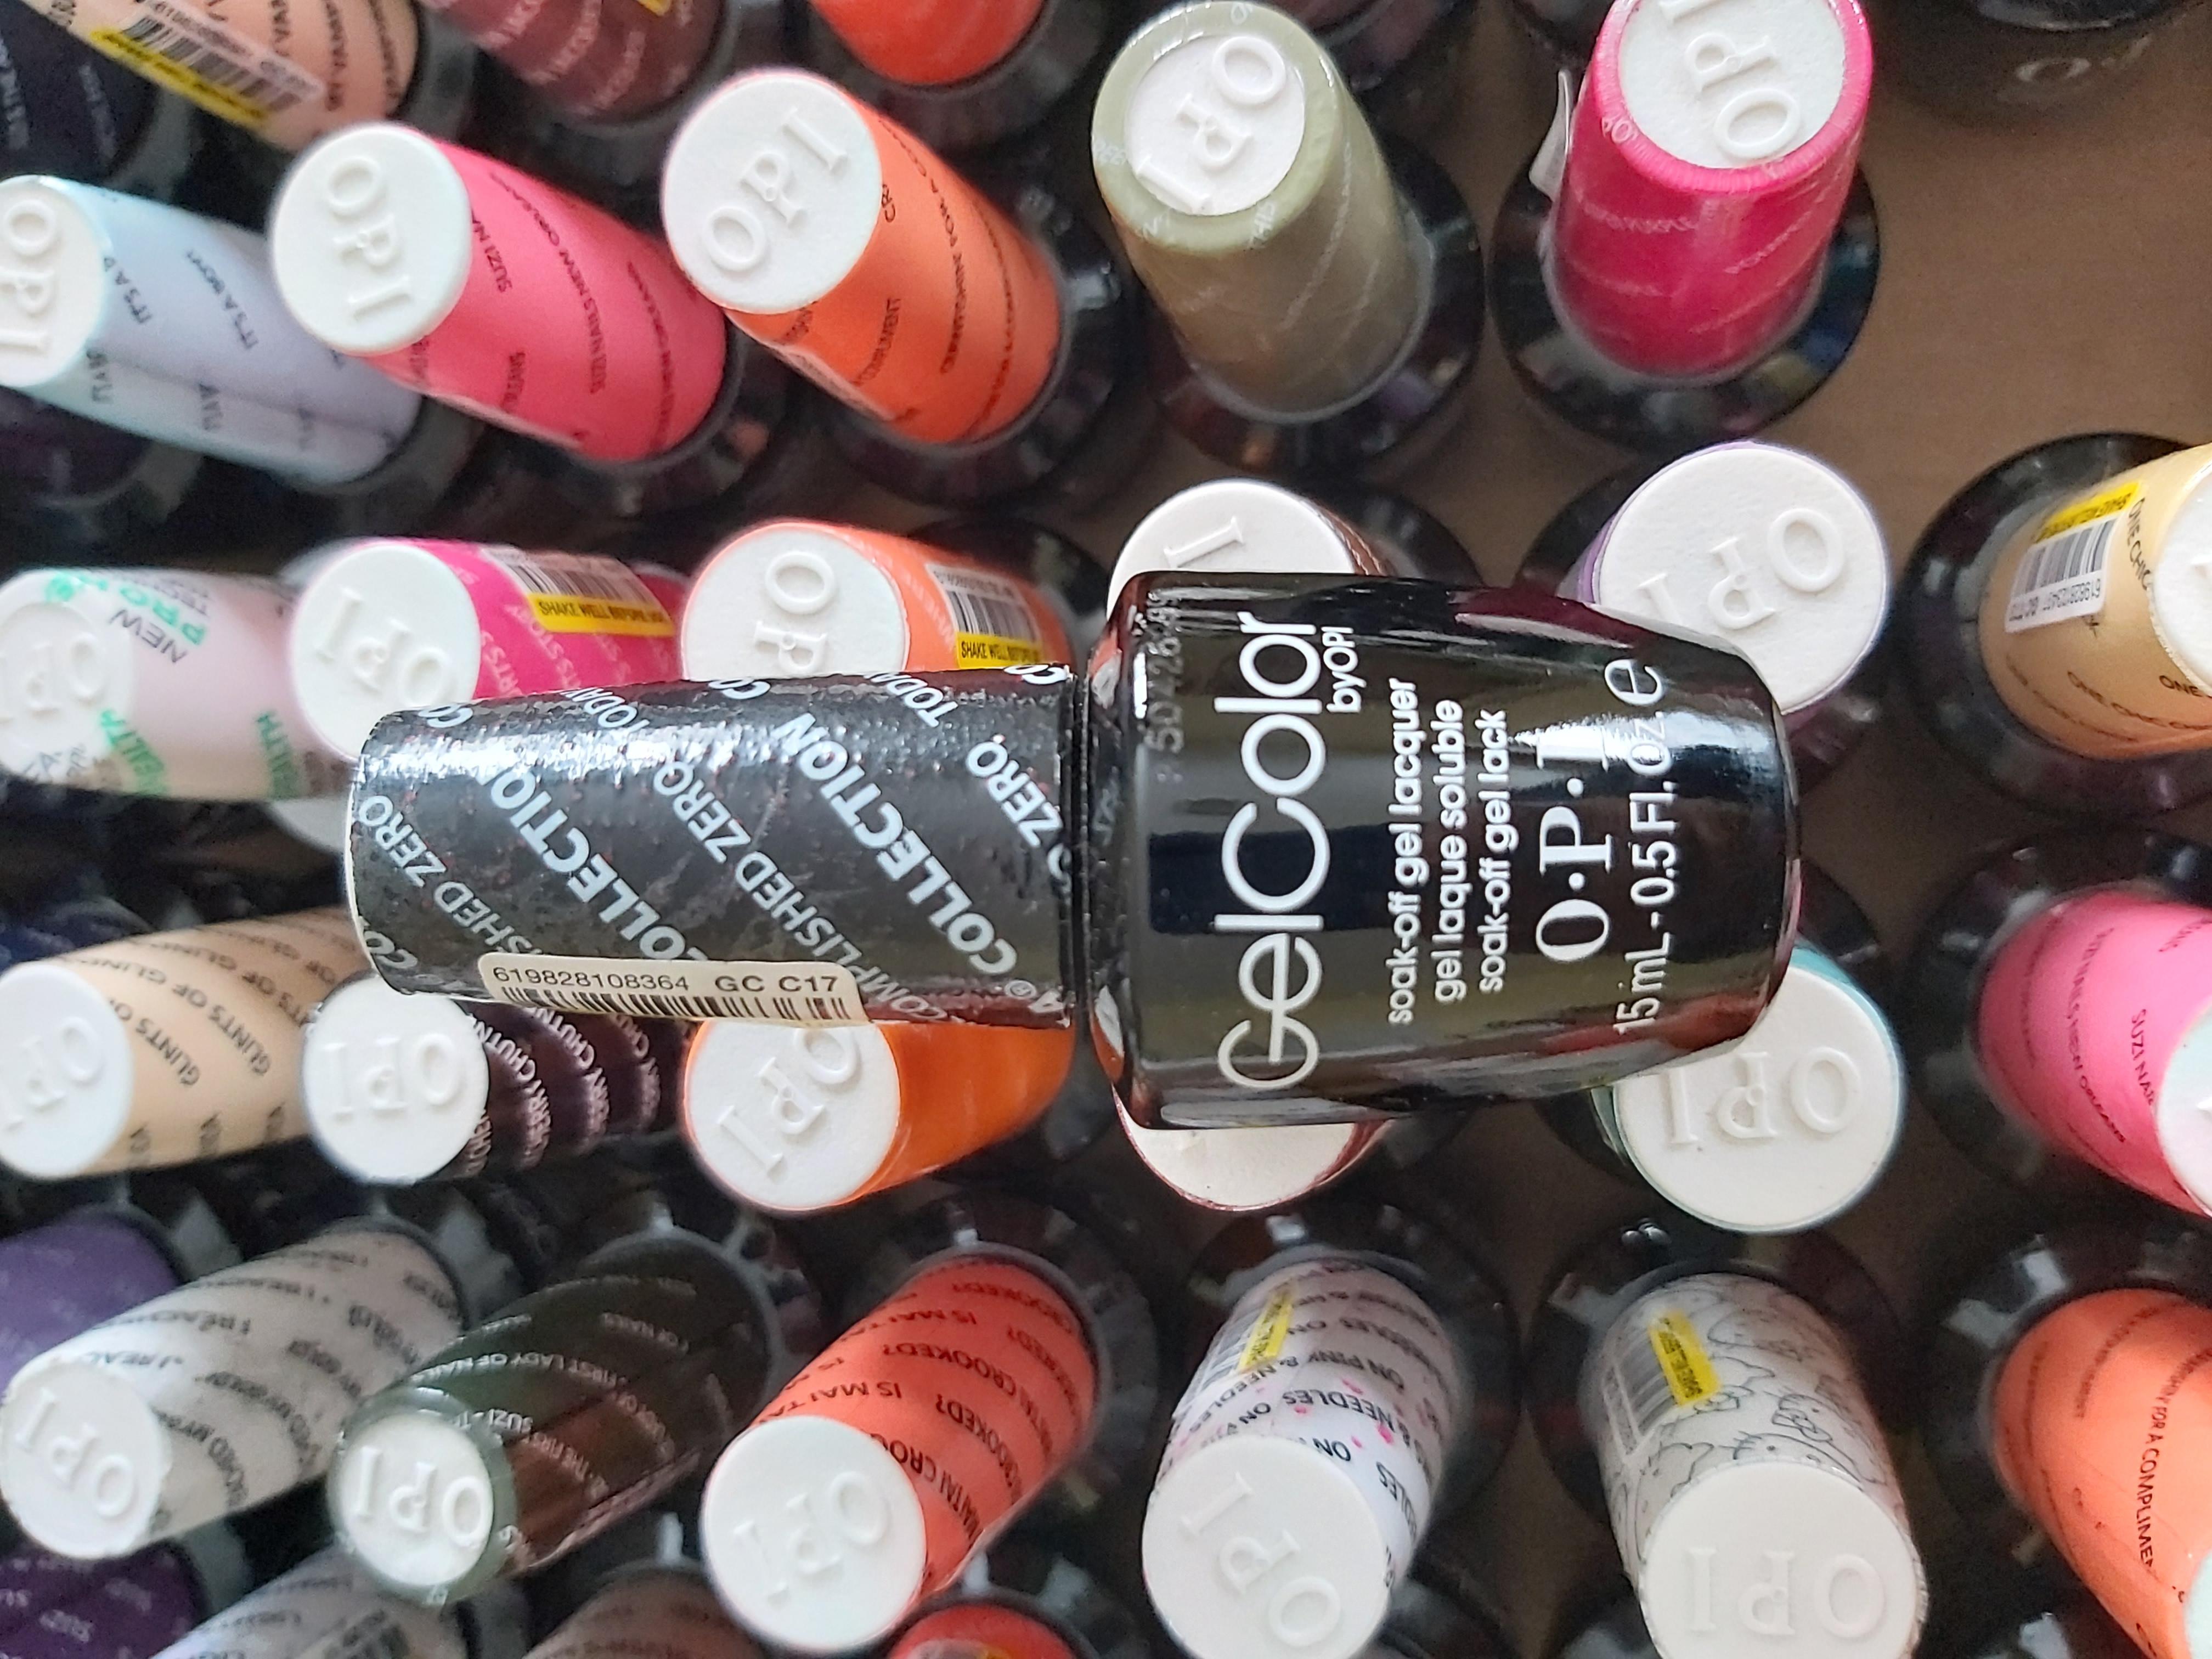 OPI Gel Color Soak-off Gel C17 TODAY I ACCOMPLISHED ZERO